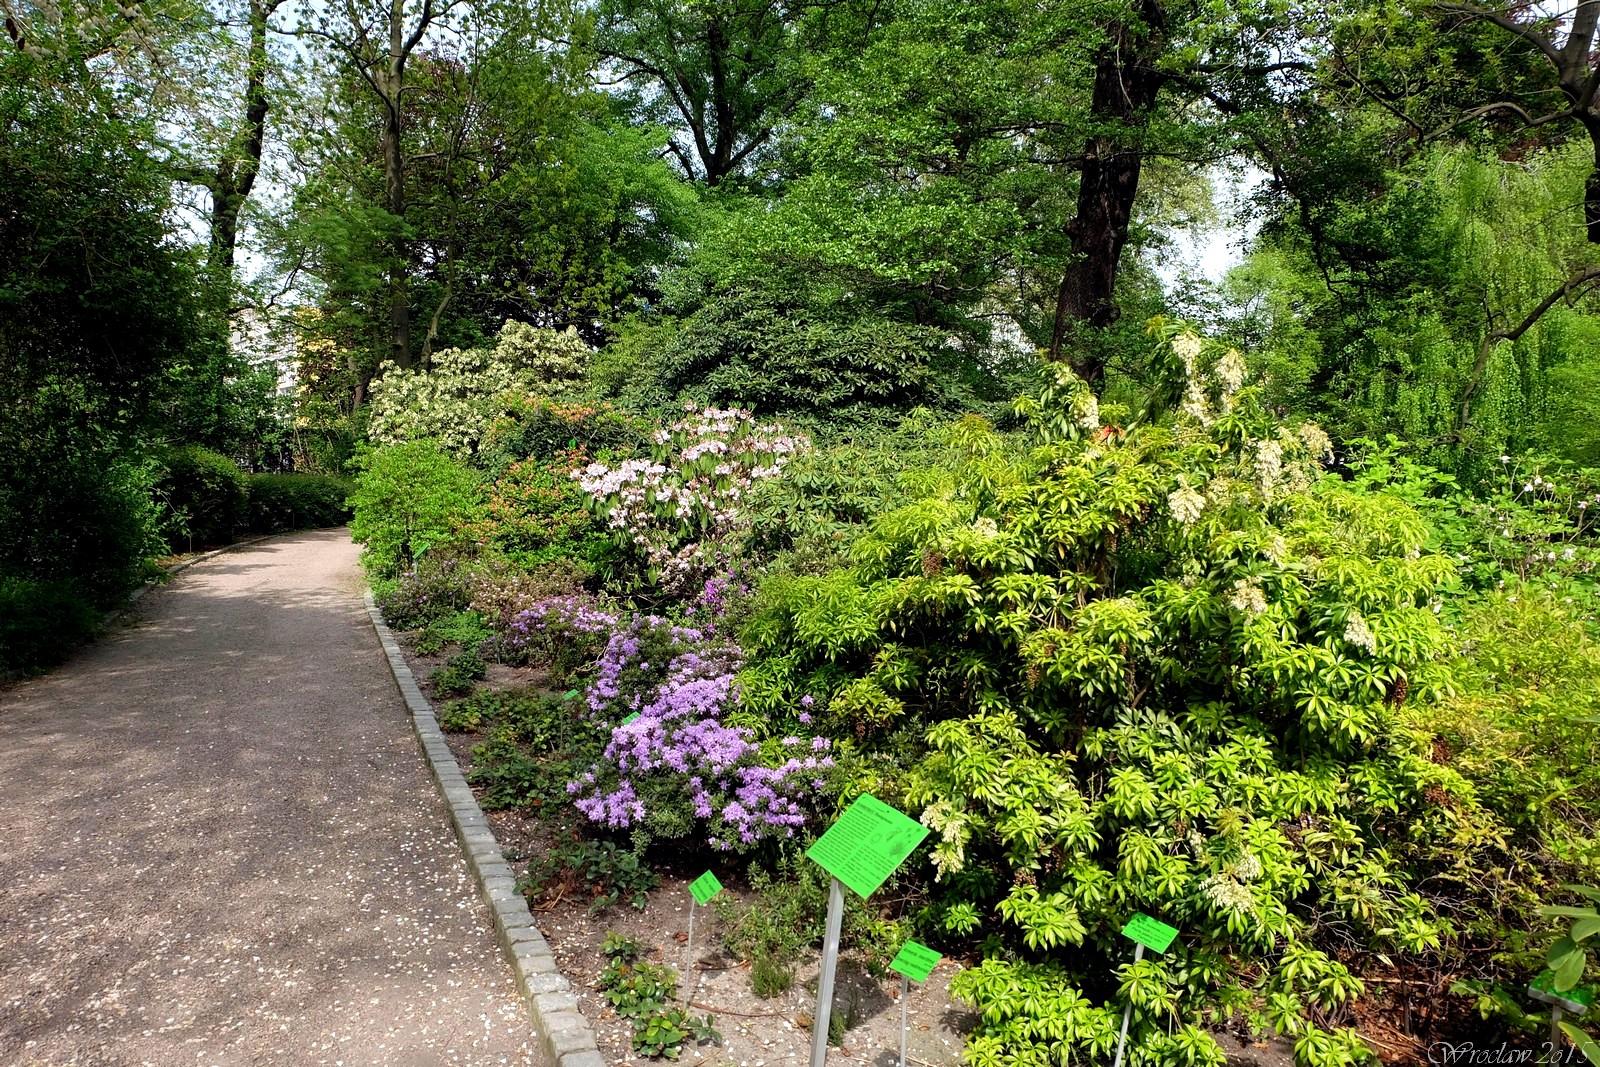 Ogród Botaniczny Uniwersytetu Wrocławskiego, Wroclaw, Poland